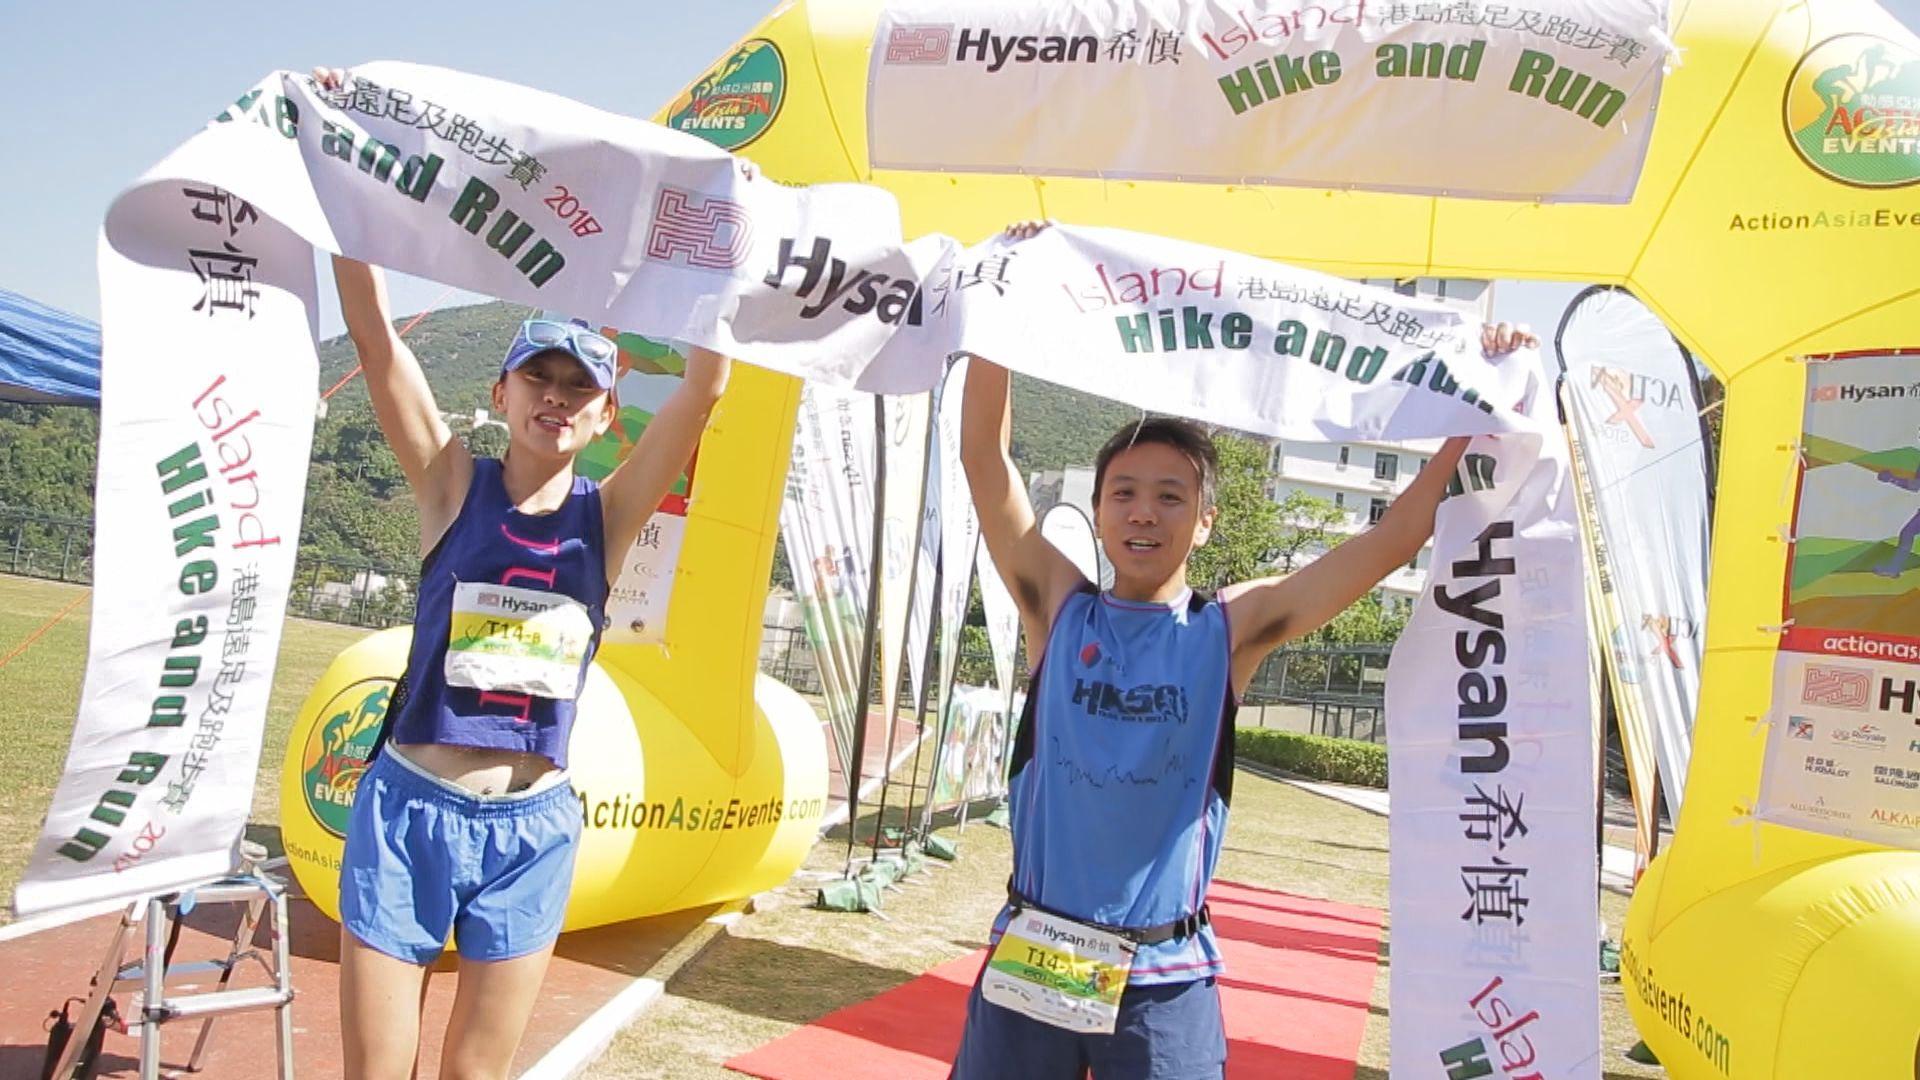 港島遠足及跑步賽 港代表奪混合組冠軍